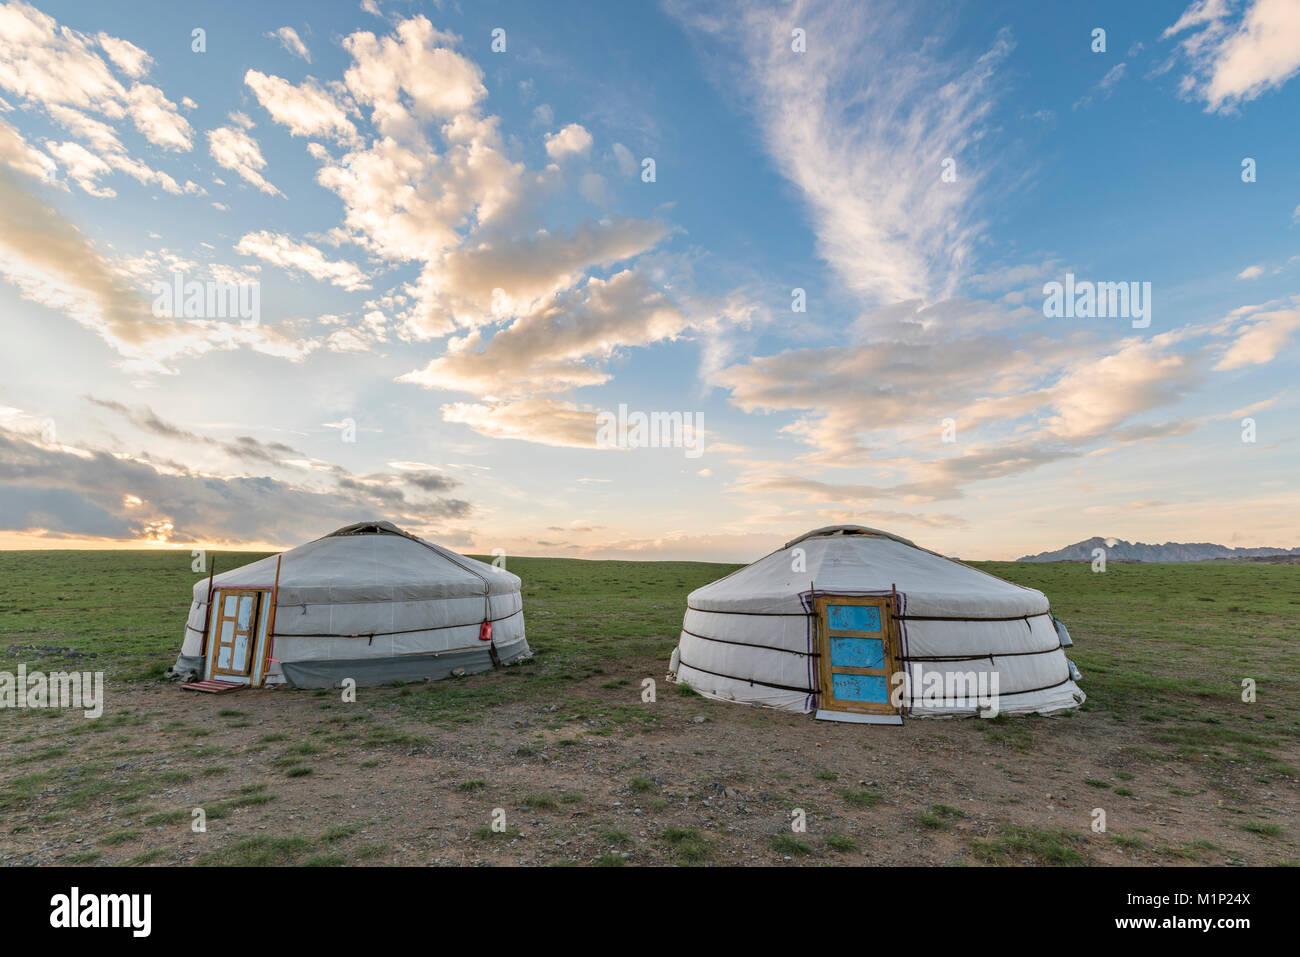 Nomade mongol gers traditionnels et nuages dans le ciel, au milieu de la province de Gobi, la Mongolie, l'Asie Photo Stock